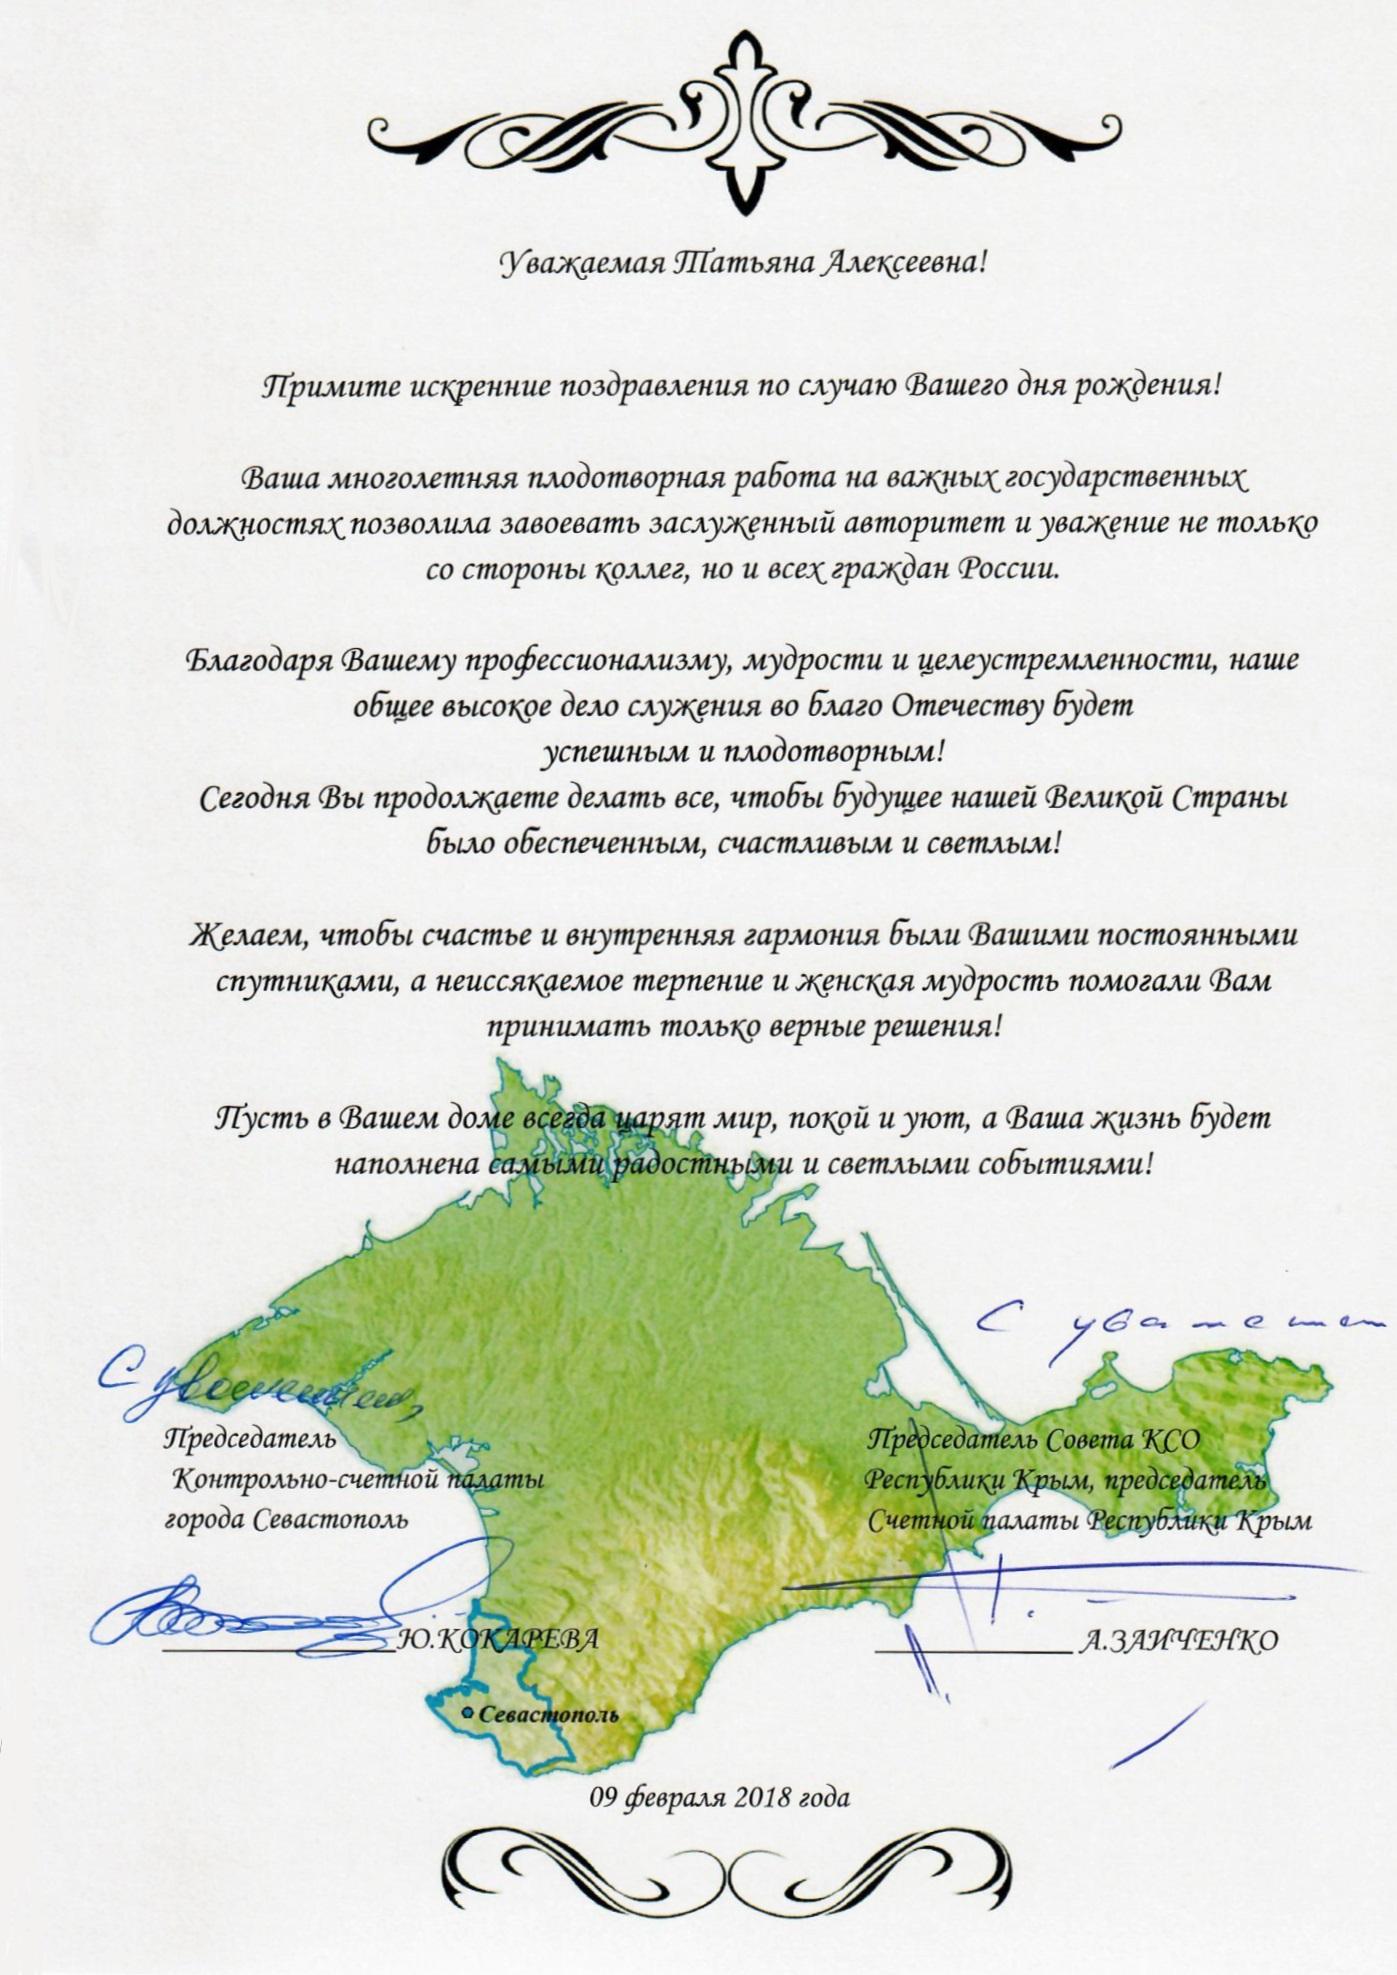 Поздравление Голикова Т.А.